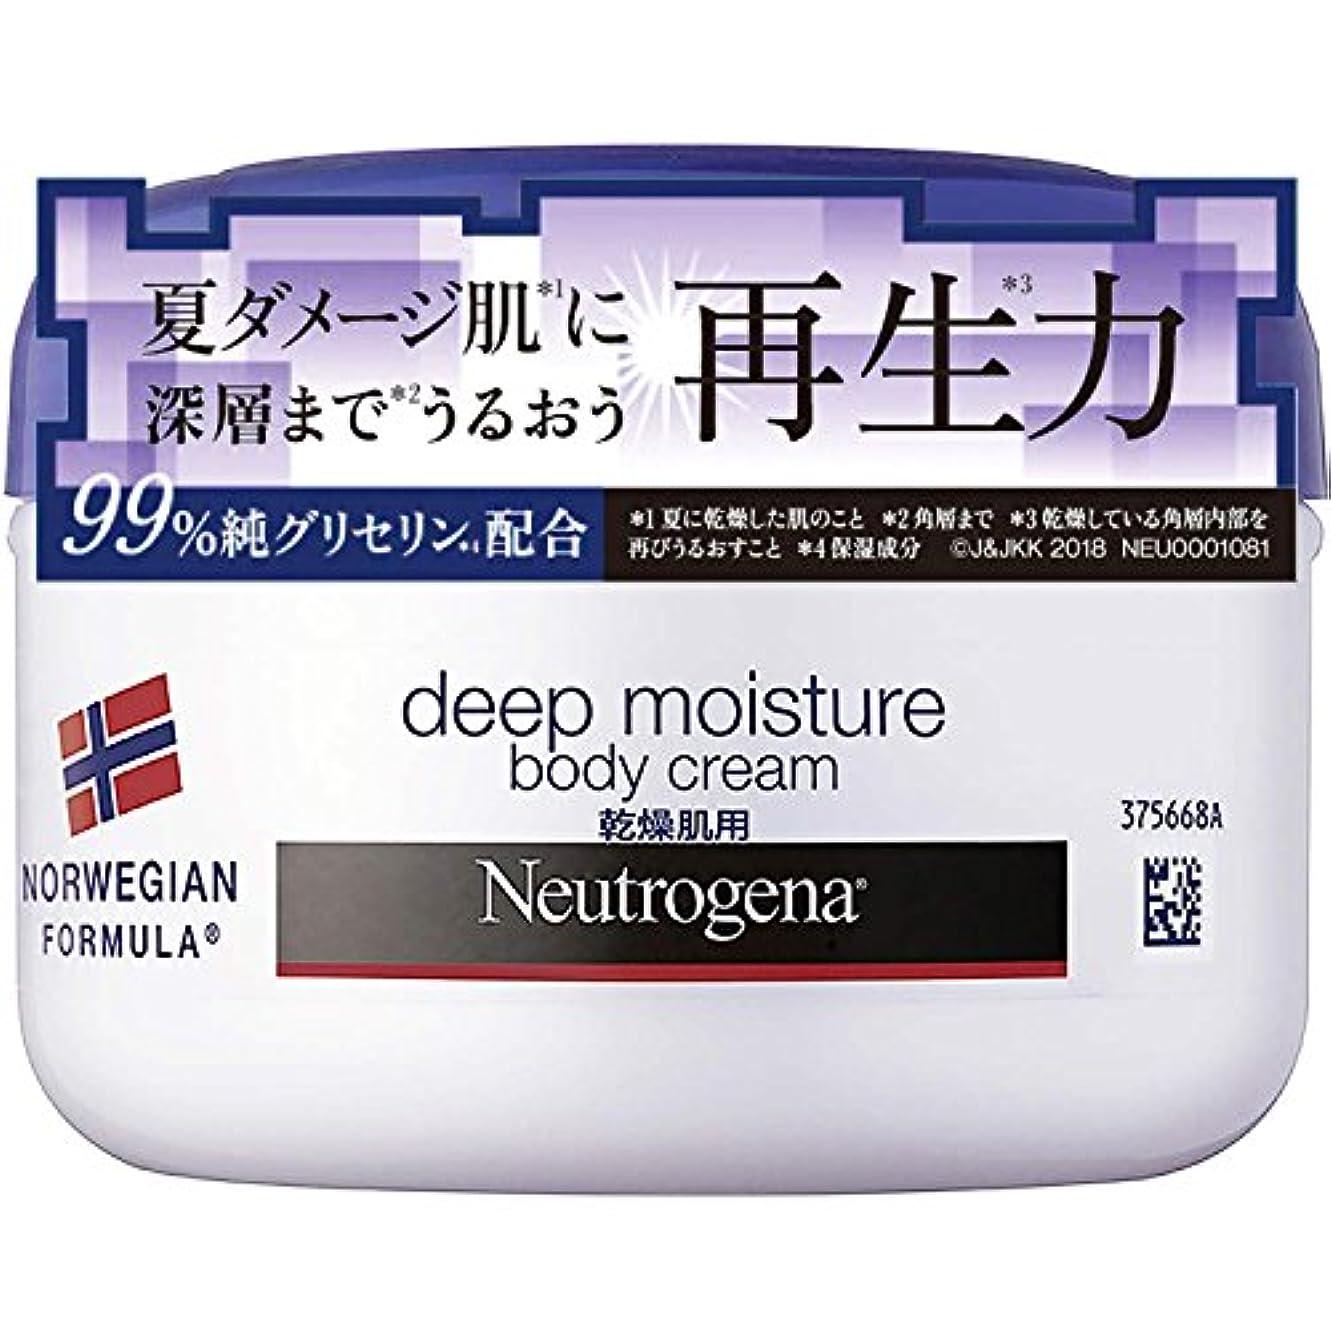 軌道空気僕のNeutrogena(ニュートロジーナ) ノルウェーフォーミュラ ディープモイスチャー ボディクリーム 乾燥肌用 微香性 200ml